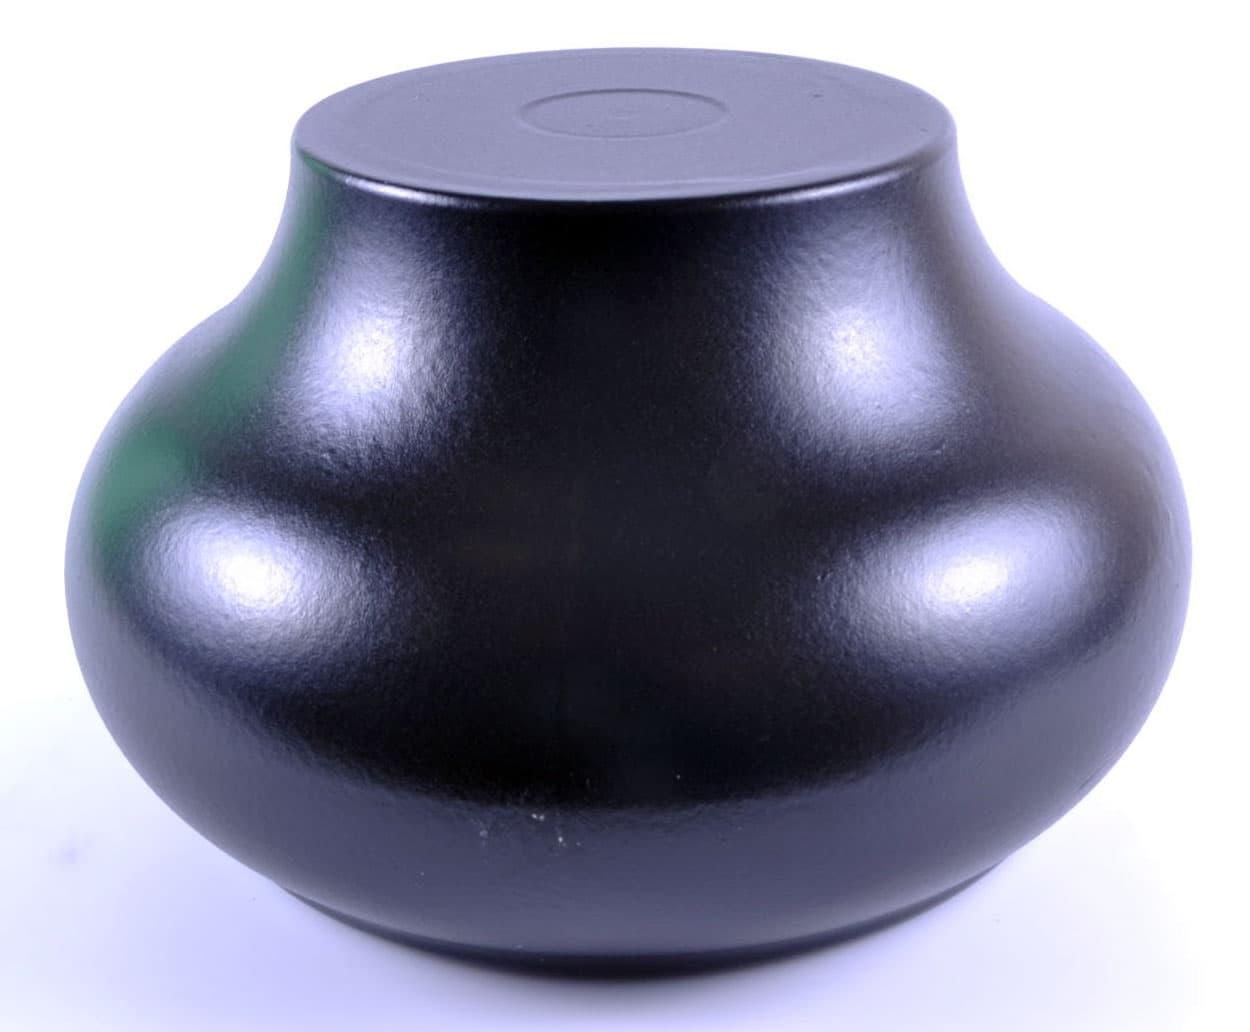 чугунок, горшок чугунный с чугунной крышкой 1.5 л. ситон купить с доставкой